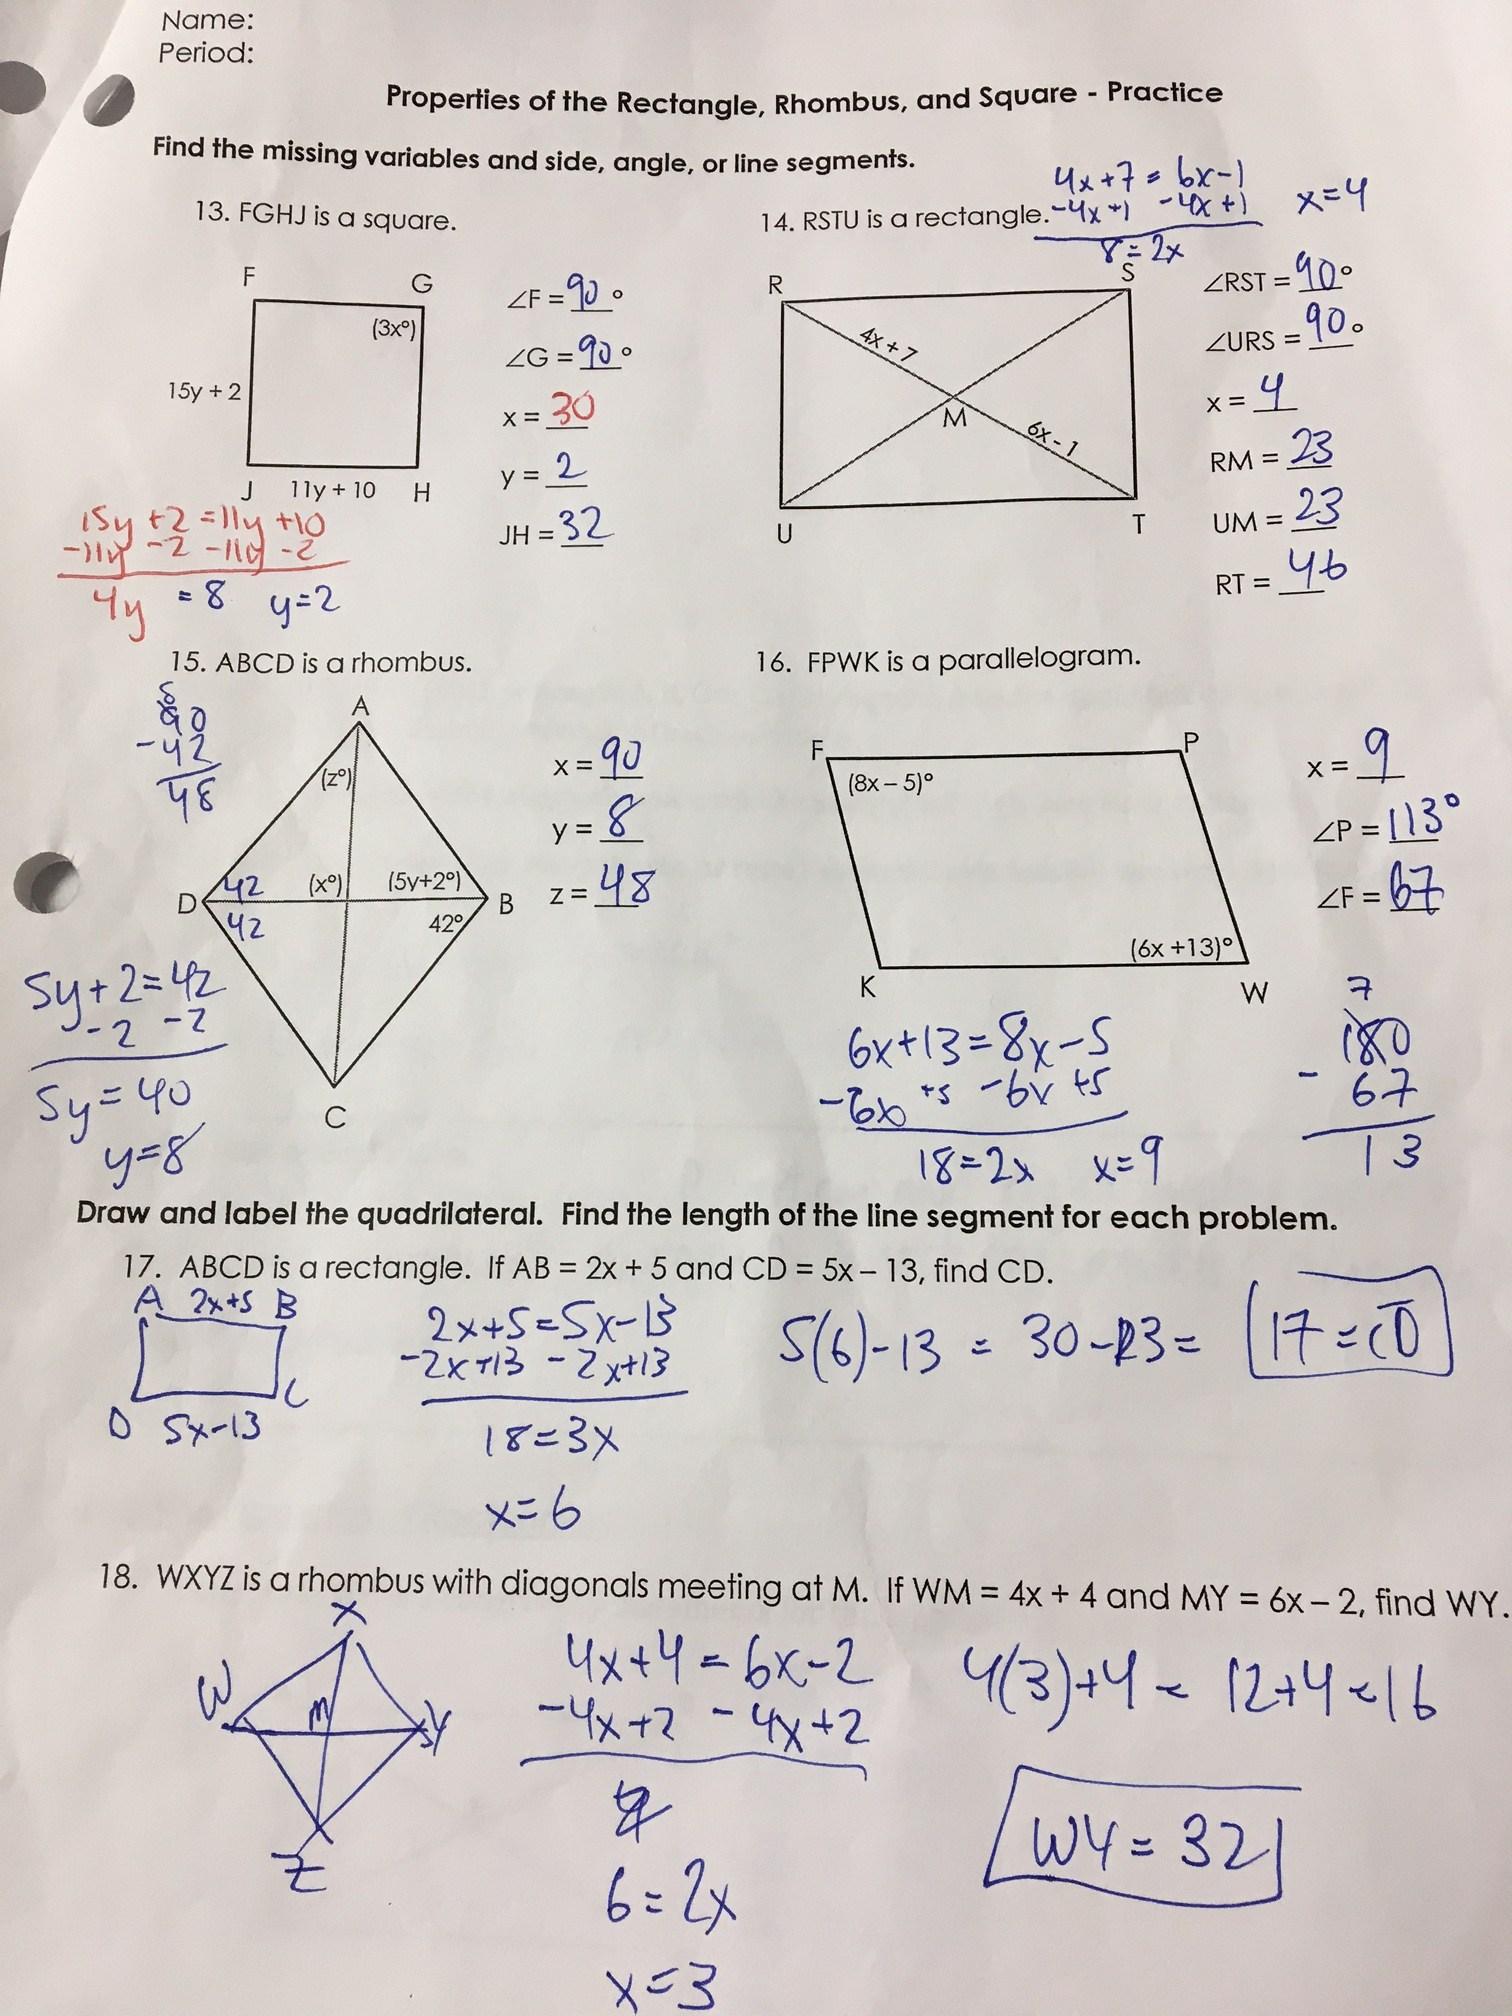 sphs show my homework